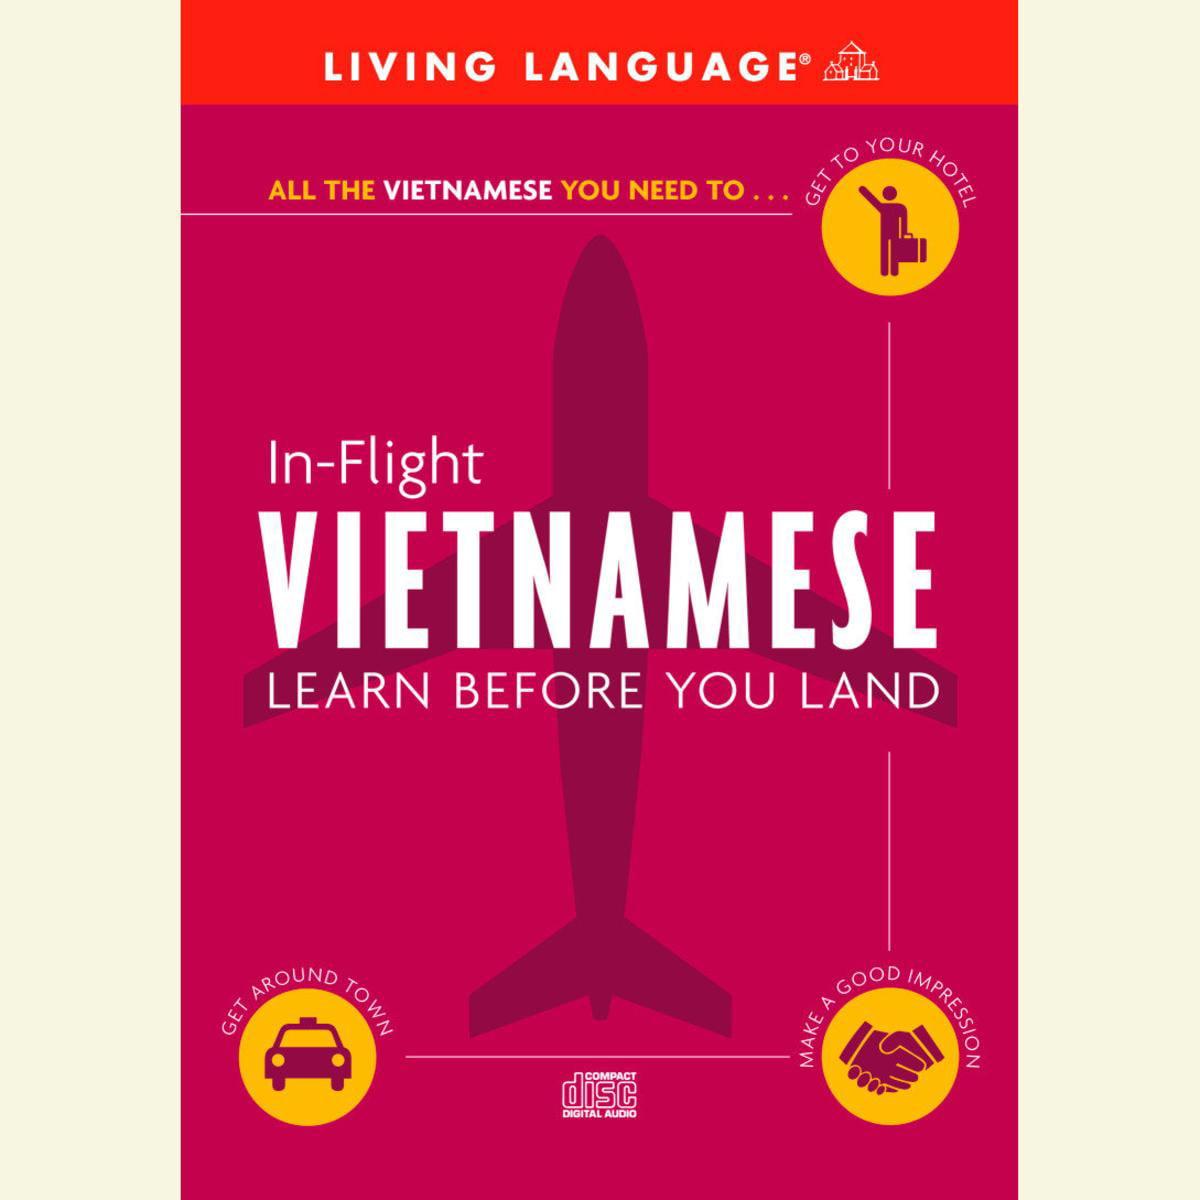 In-Flight Vietnamese - Audiobook